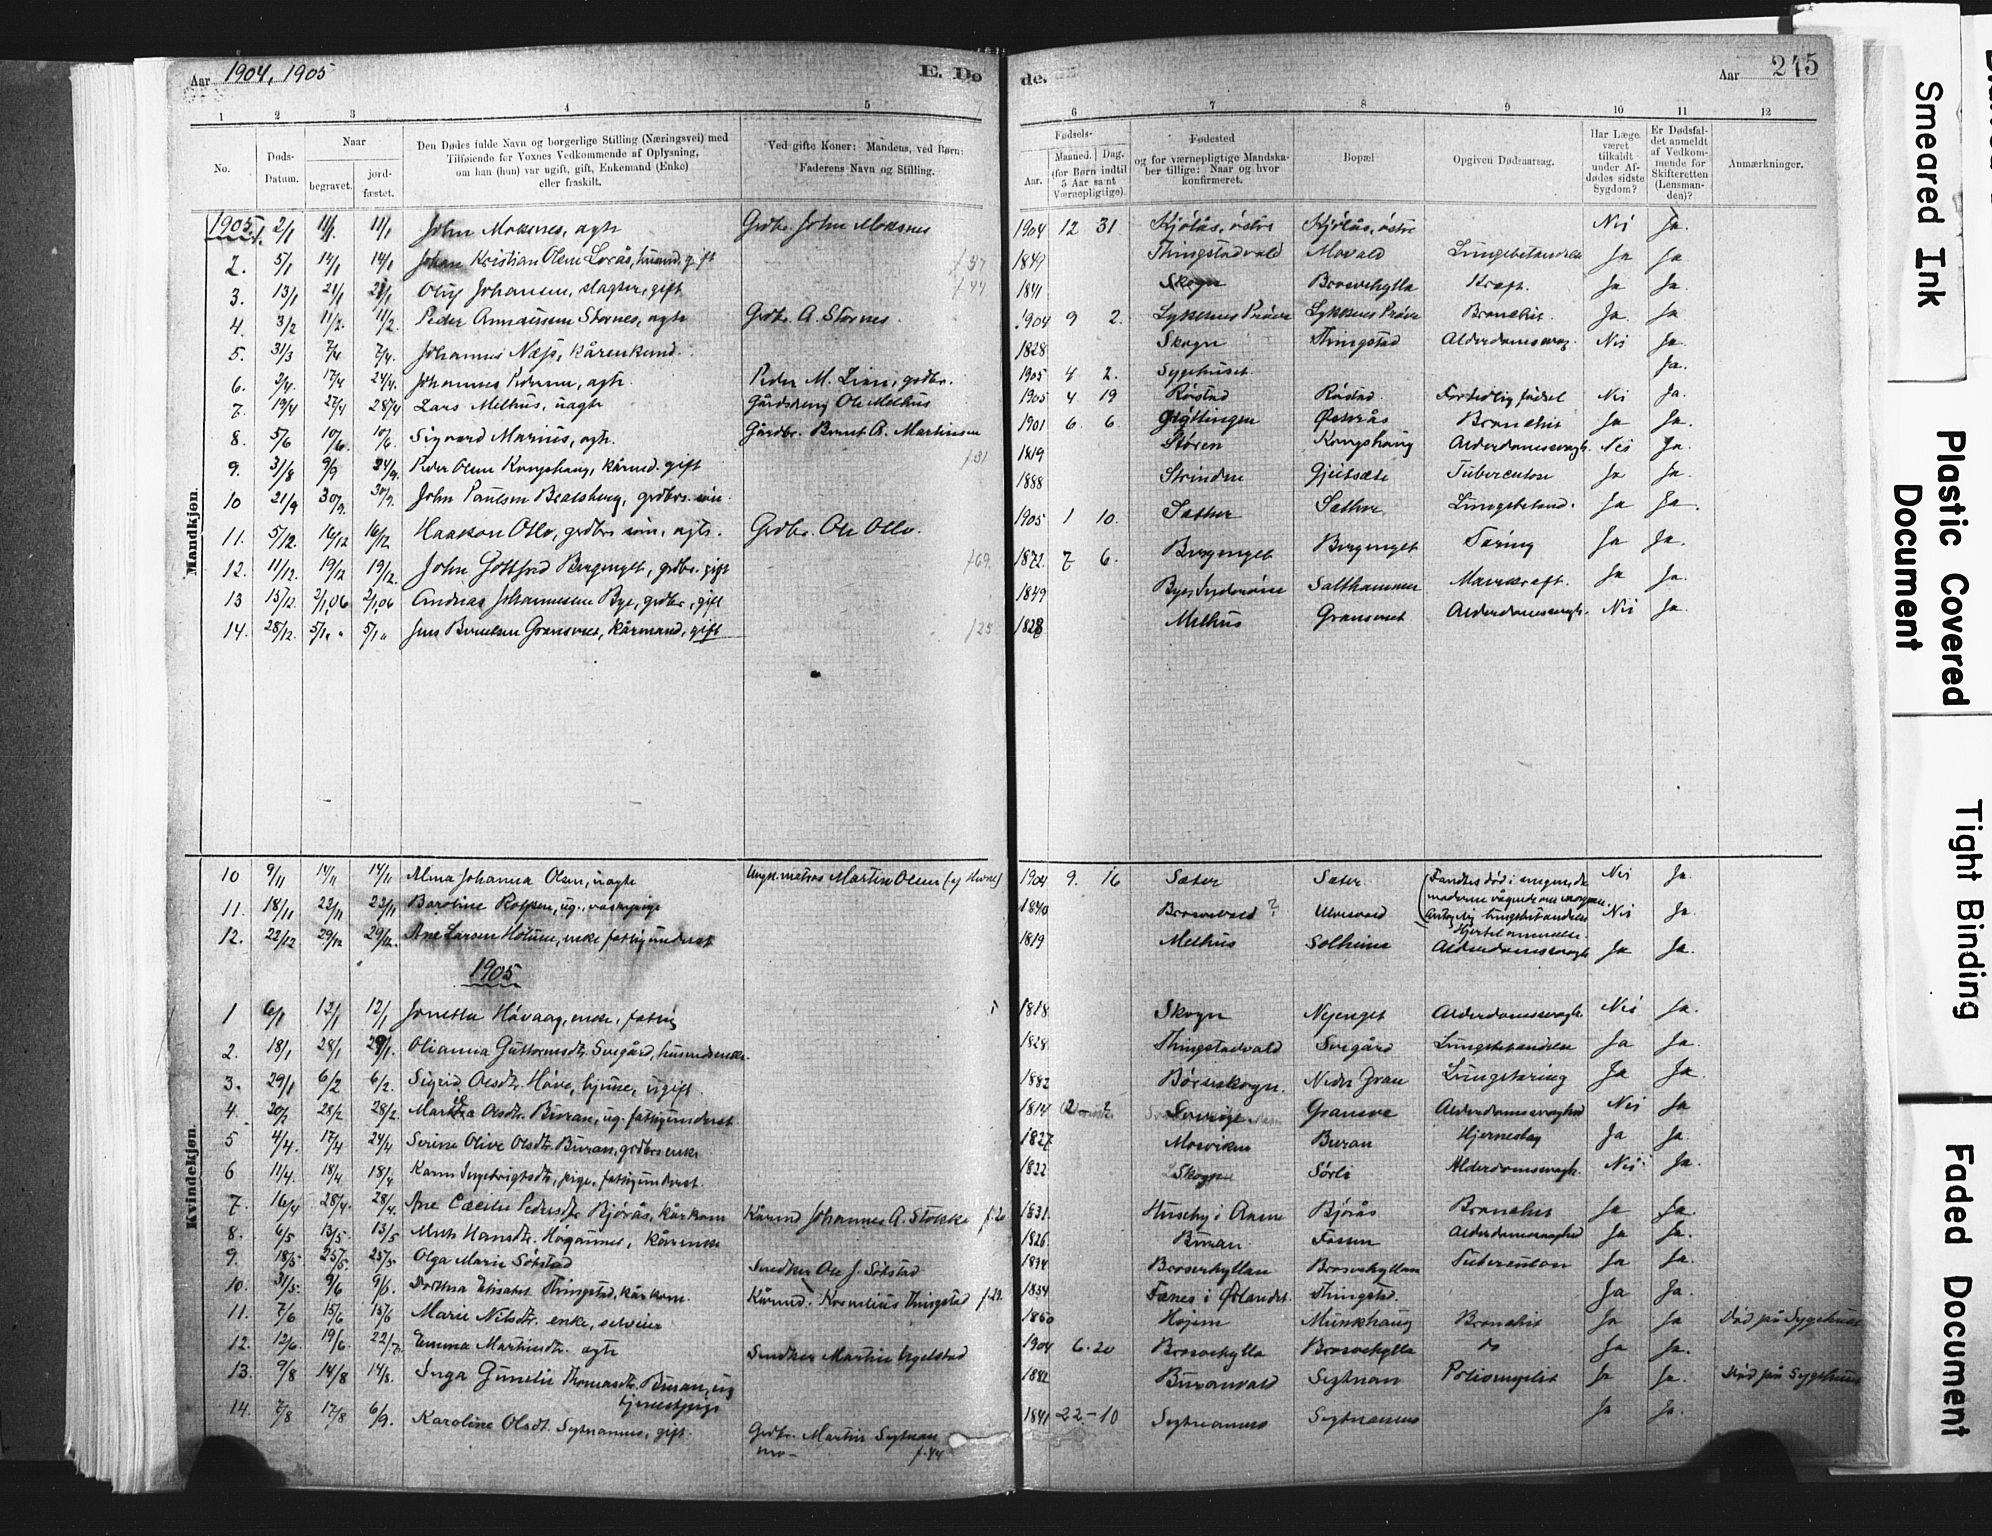 SAT, Ministerialprotokoller, klokkerbøker og fødselsregistre - Nord-Trøndelag, 721/L0207: Ministerialbok nr. 721A02, 1880-1911, s. 245